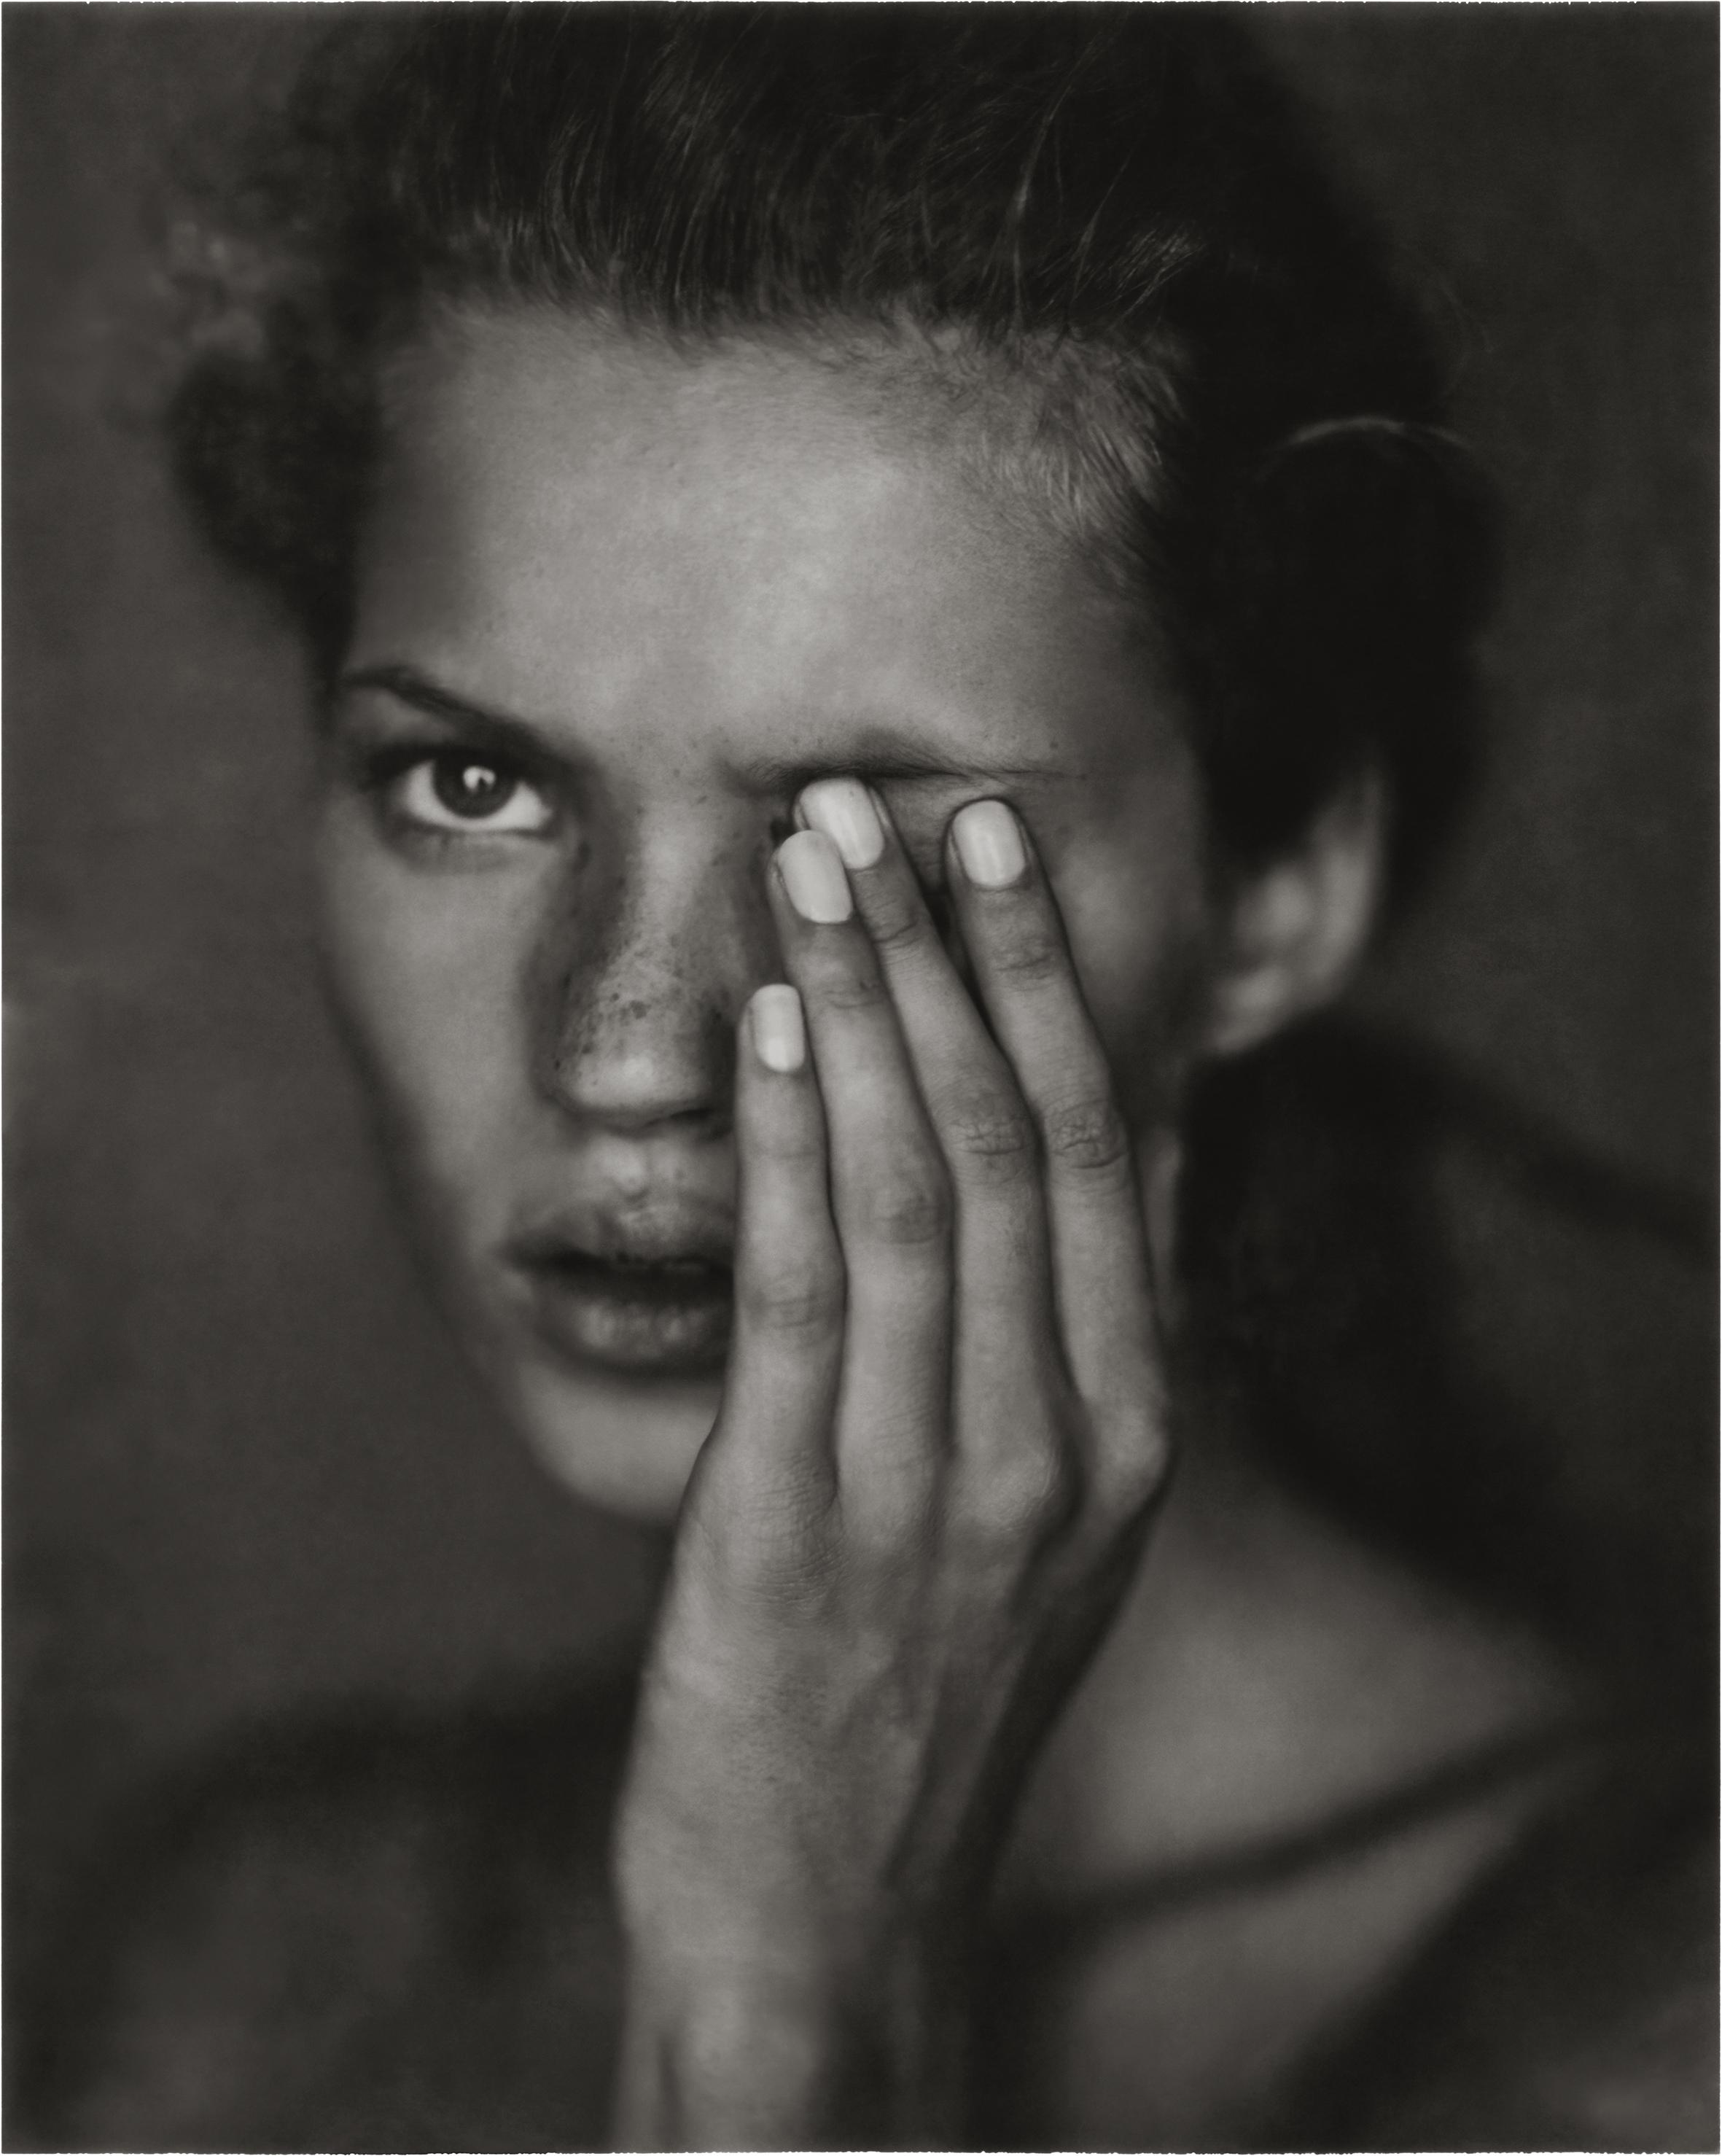 Kate Moss for Harper's Bazaar, New York 1993.